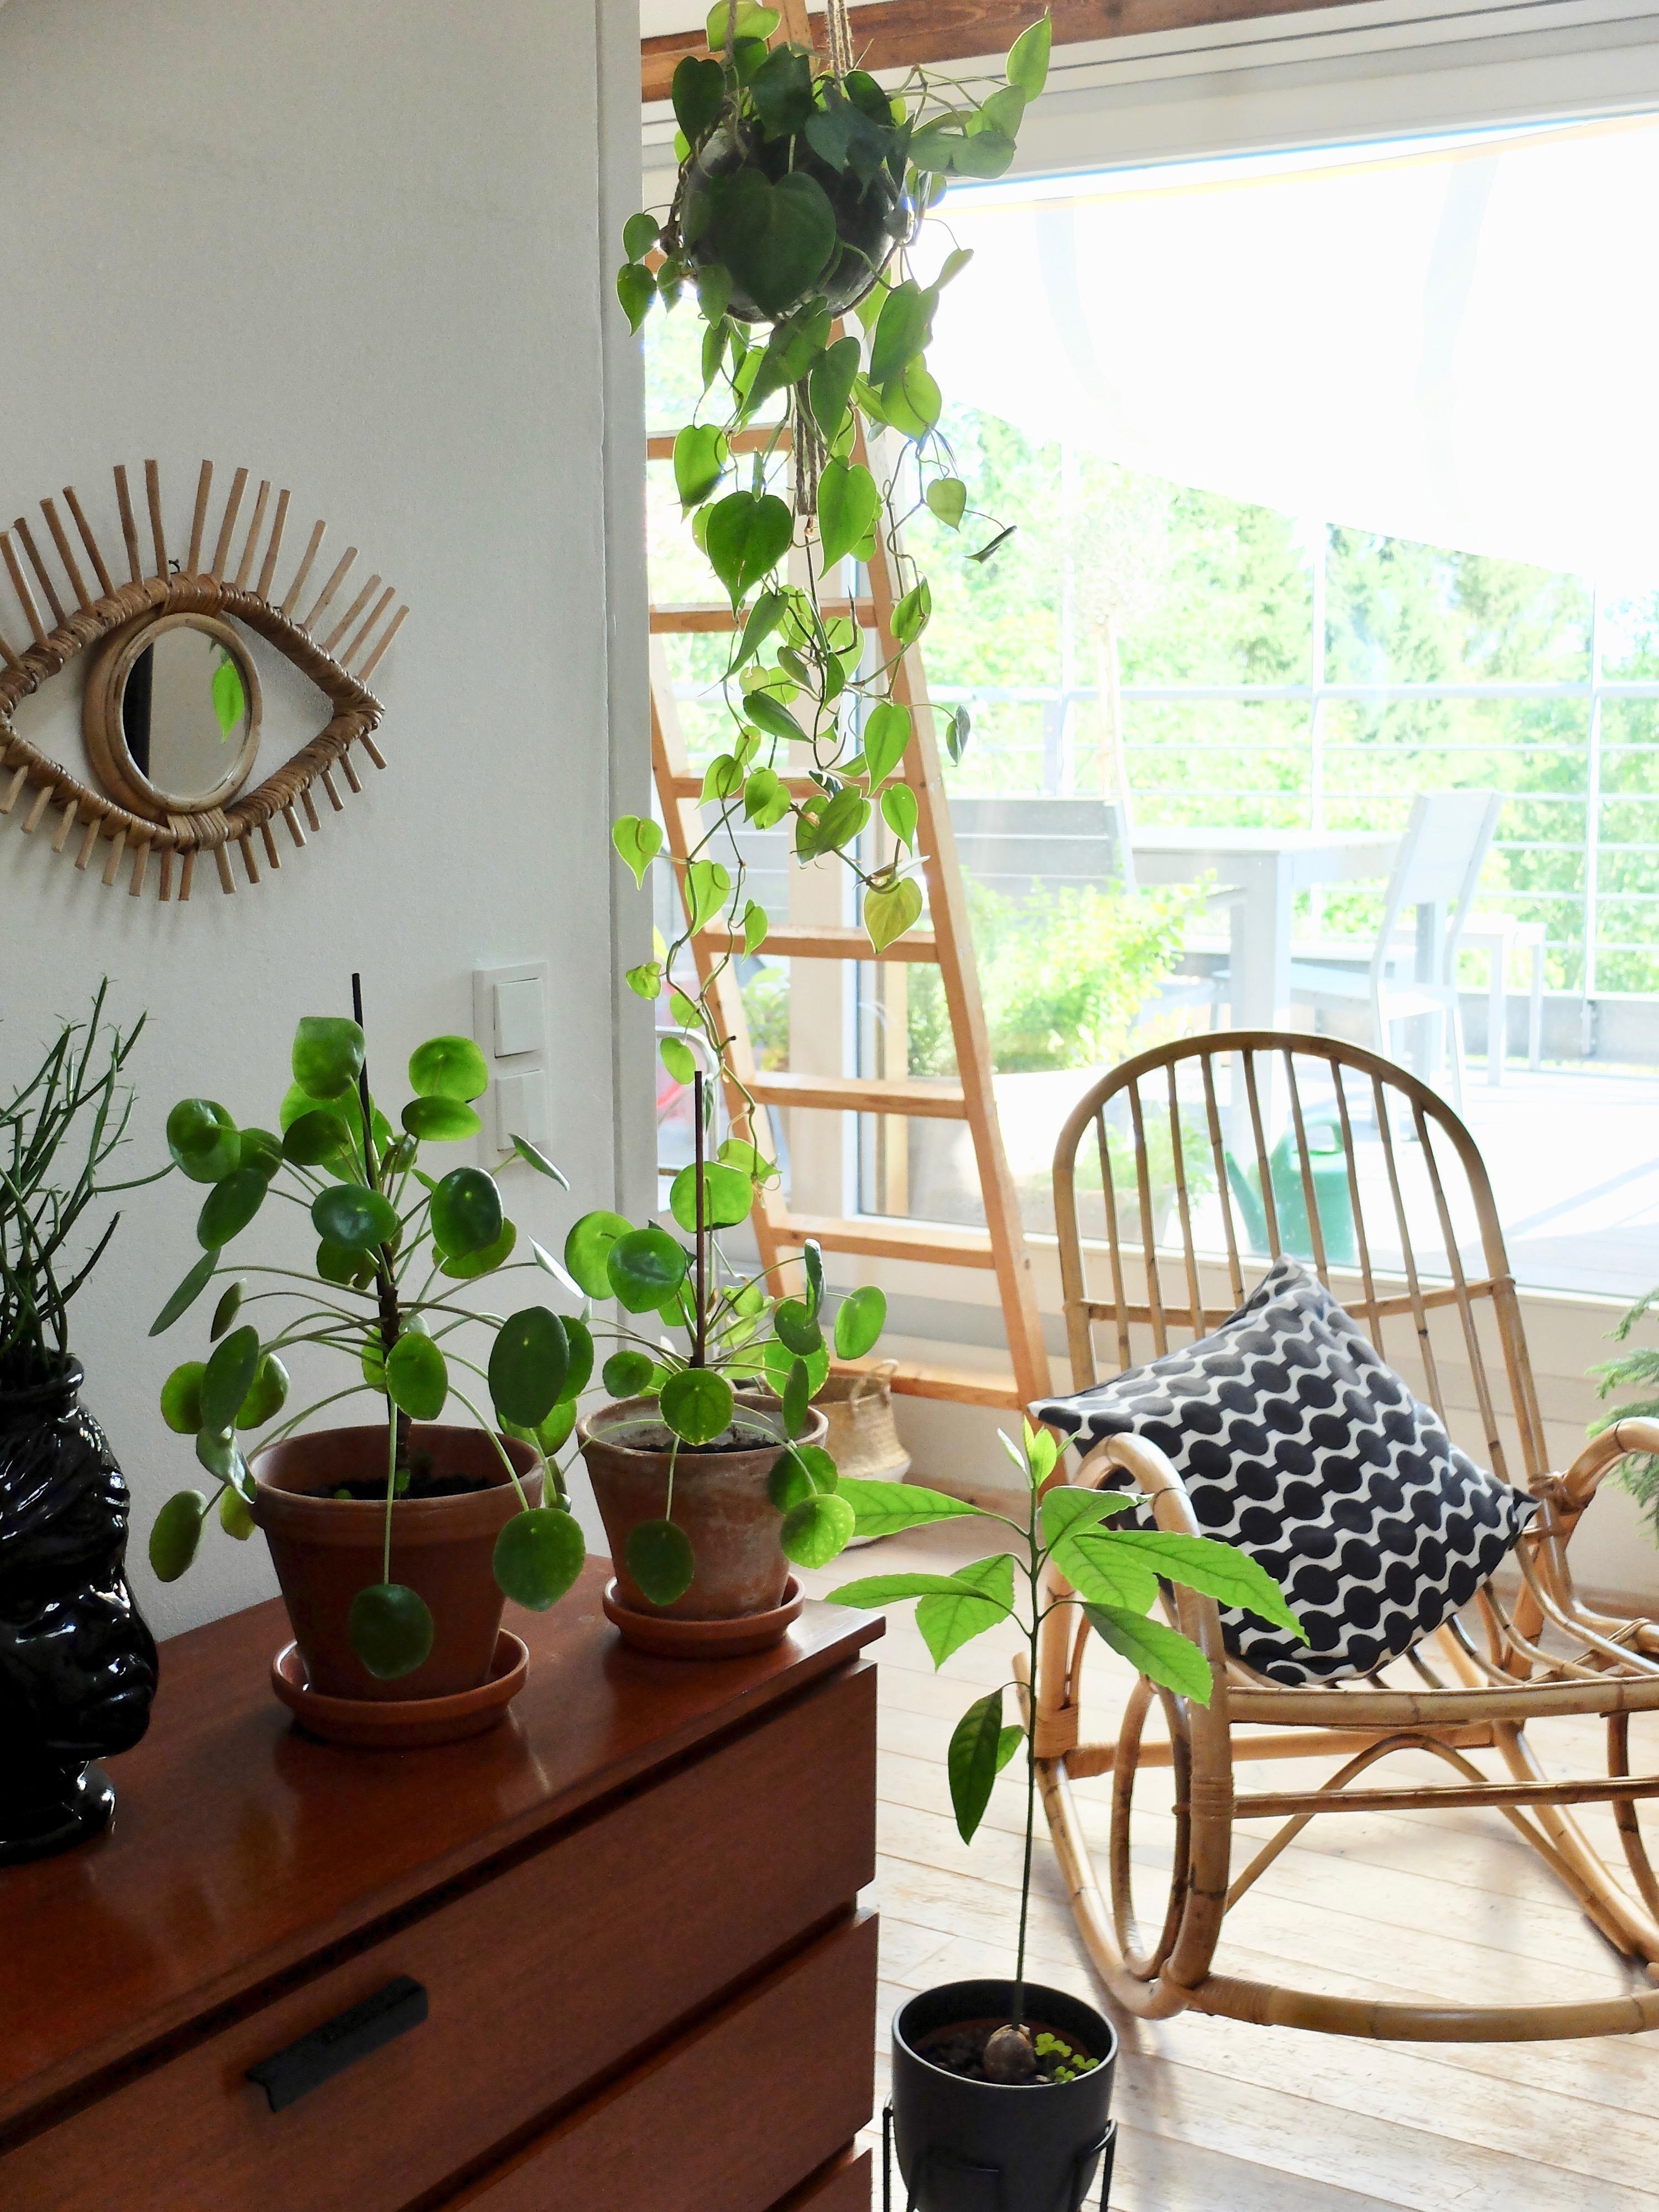 Dschungel Bilder Ideen Couch